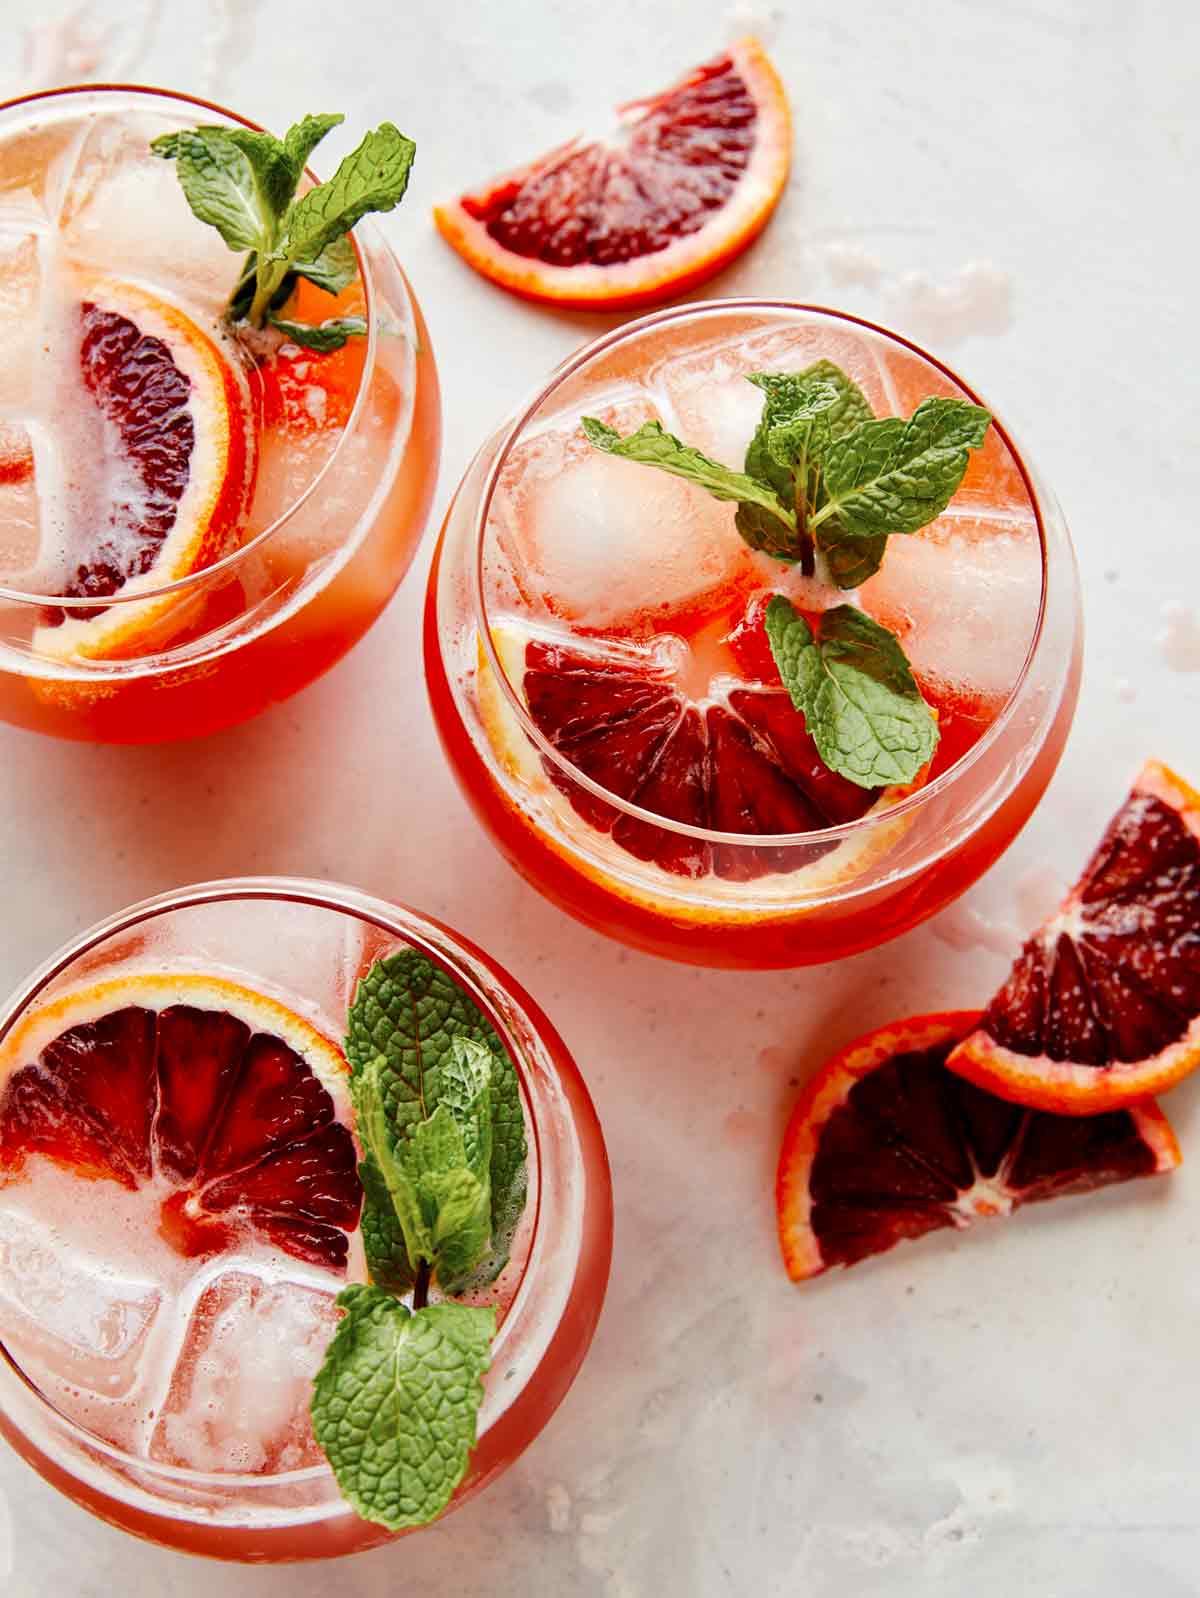 Blood orange shandy with blood orange slices.